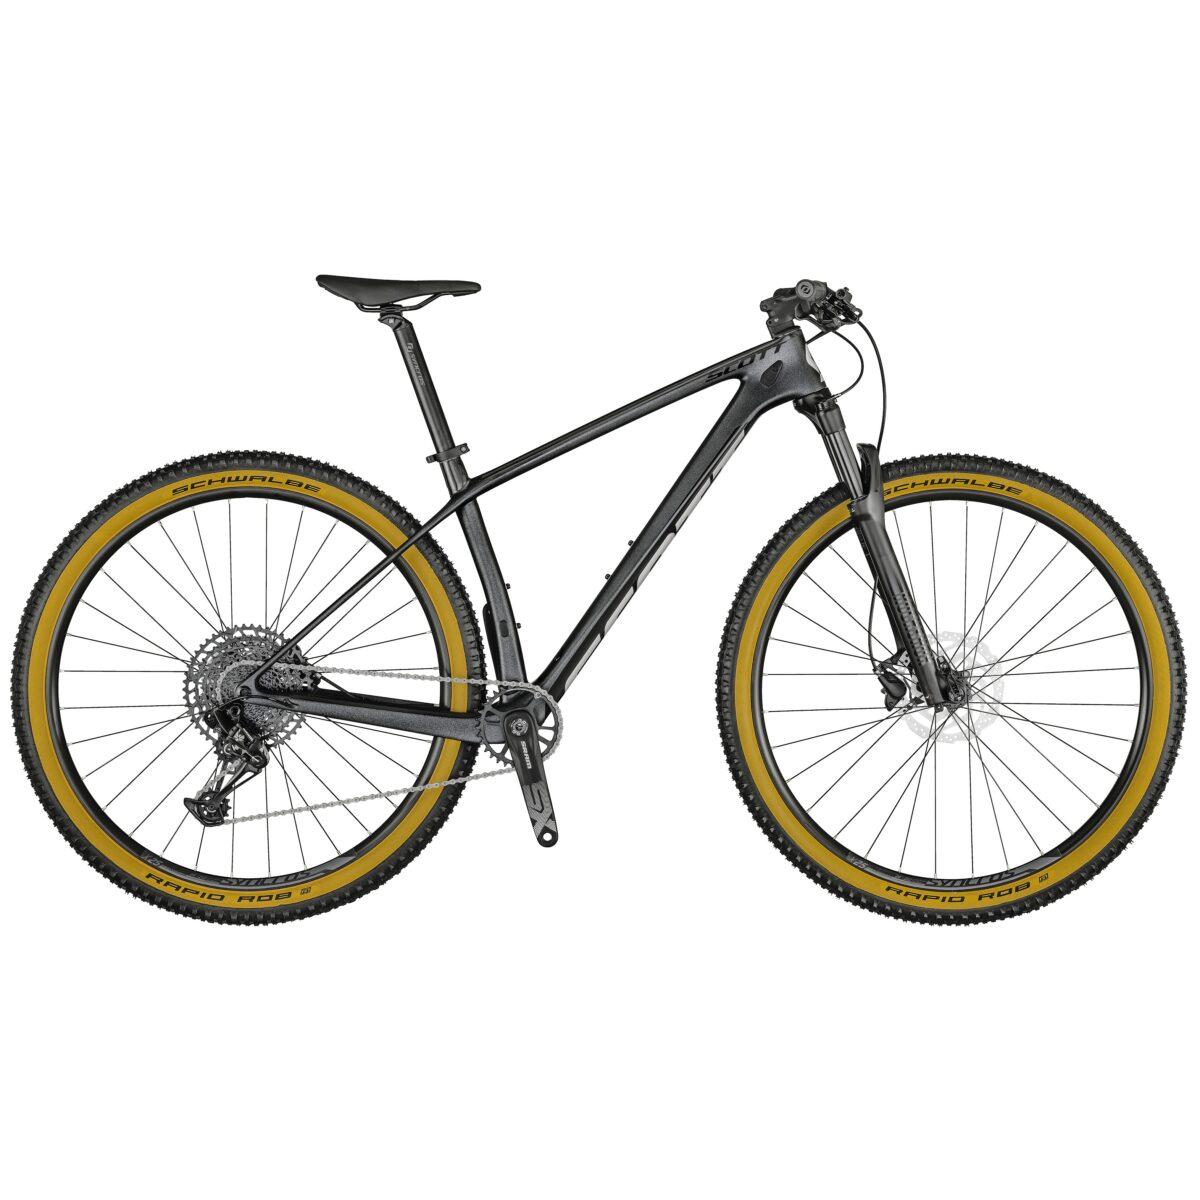 BICICLETA-SCOTT-SCALE-940 color GRANITE BLACK